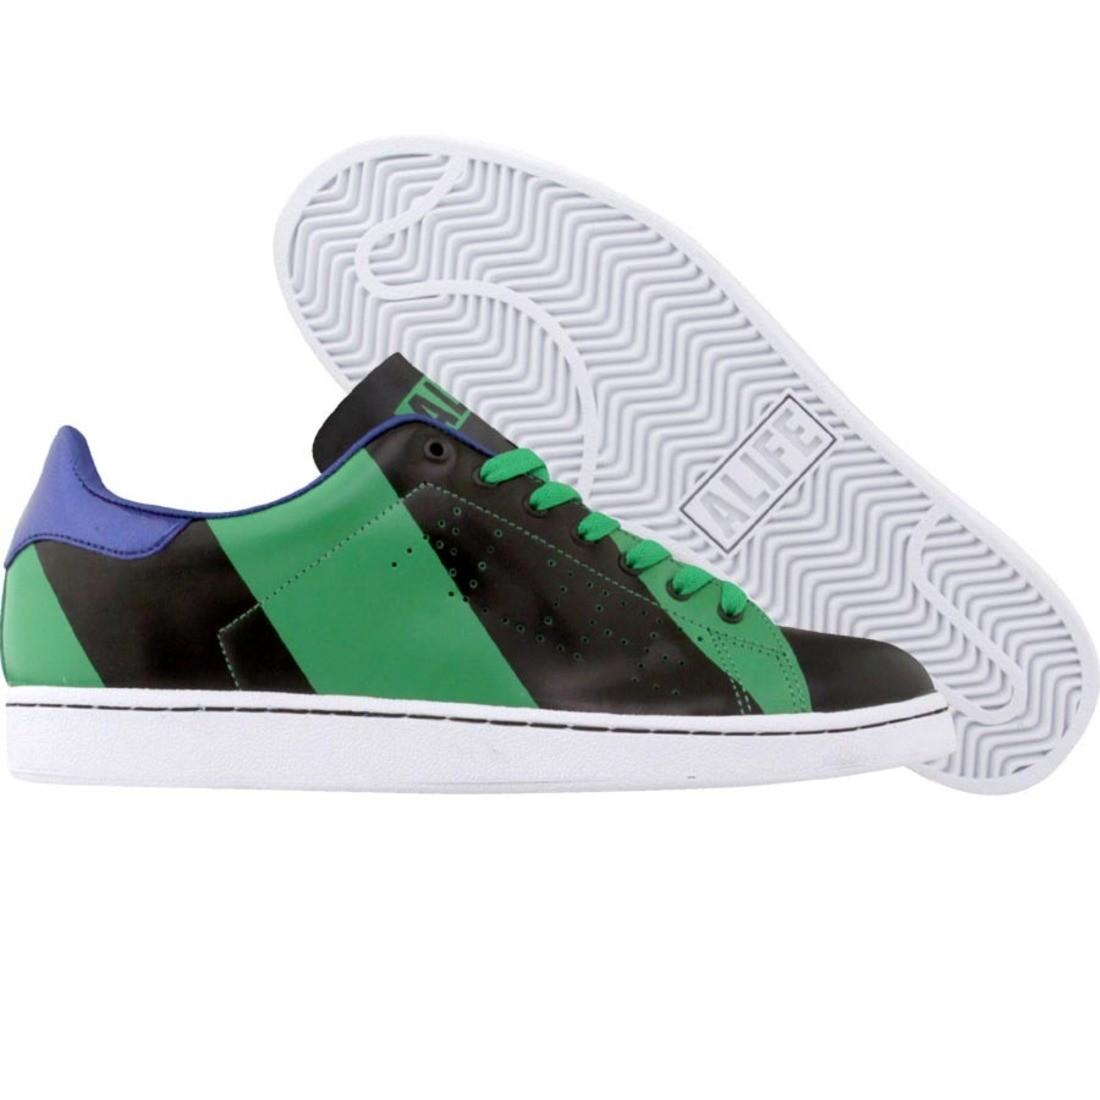 【海外限定】エーライフ カウント スニーカー 靴 【 ALIFE COURT CUP RGB GREEN 】